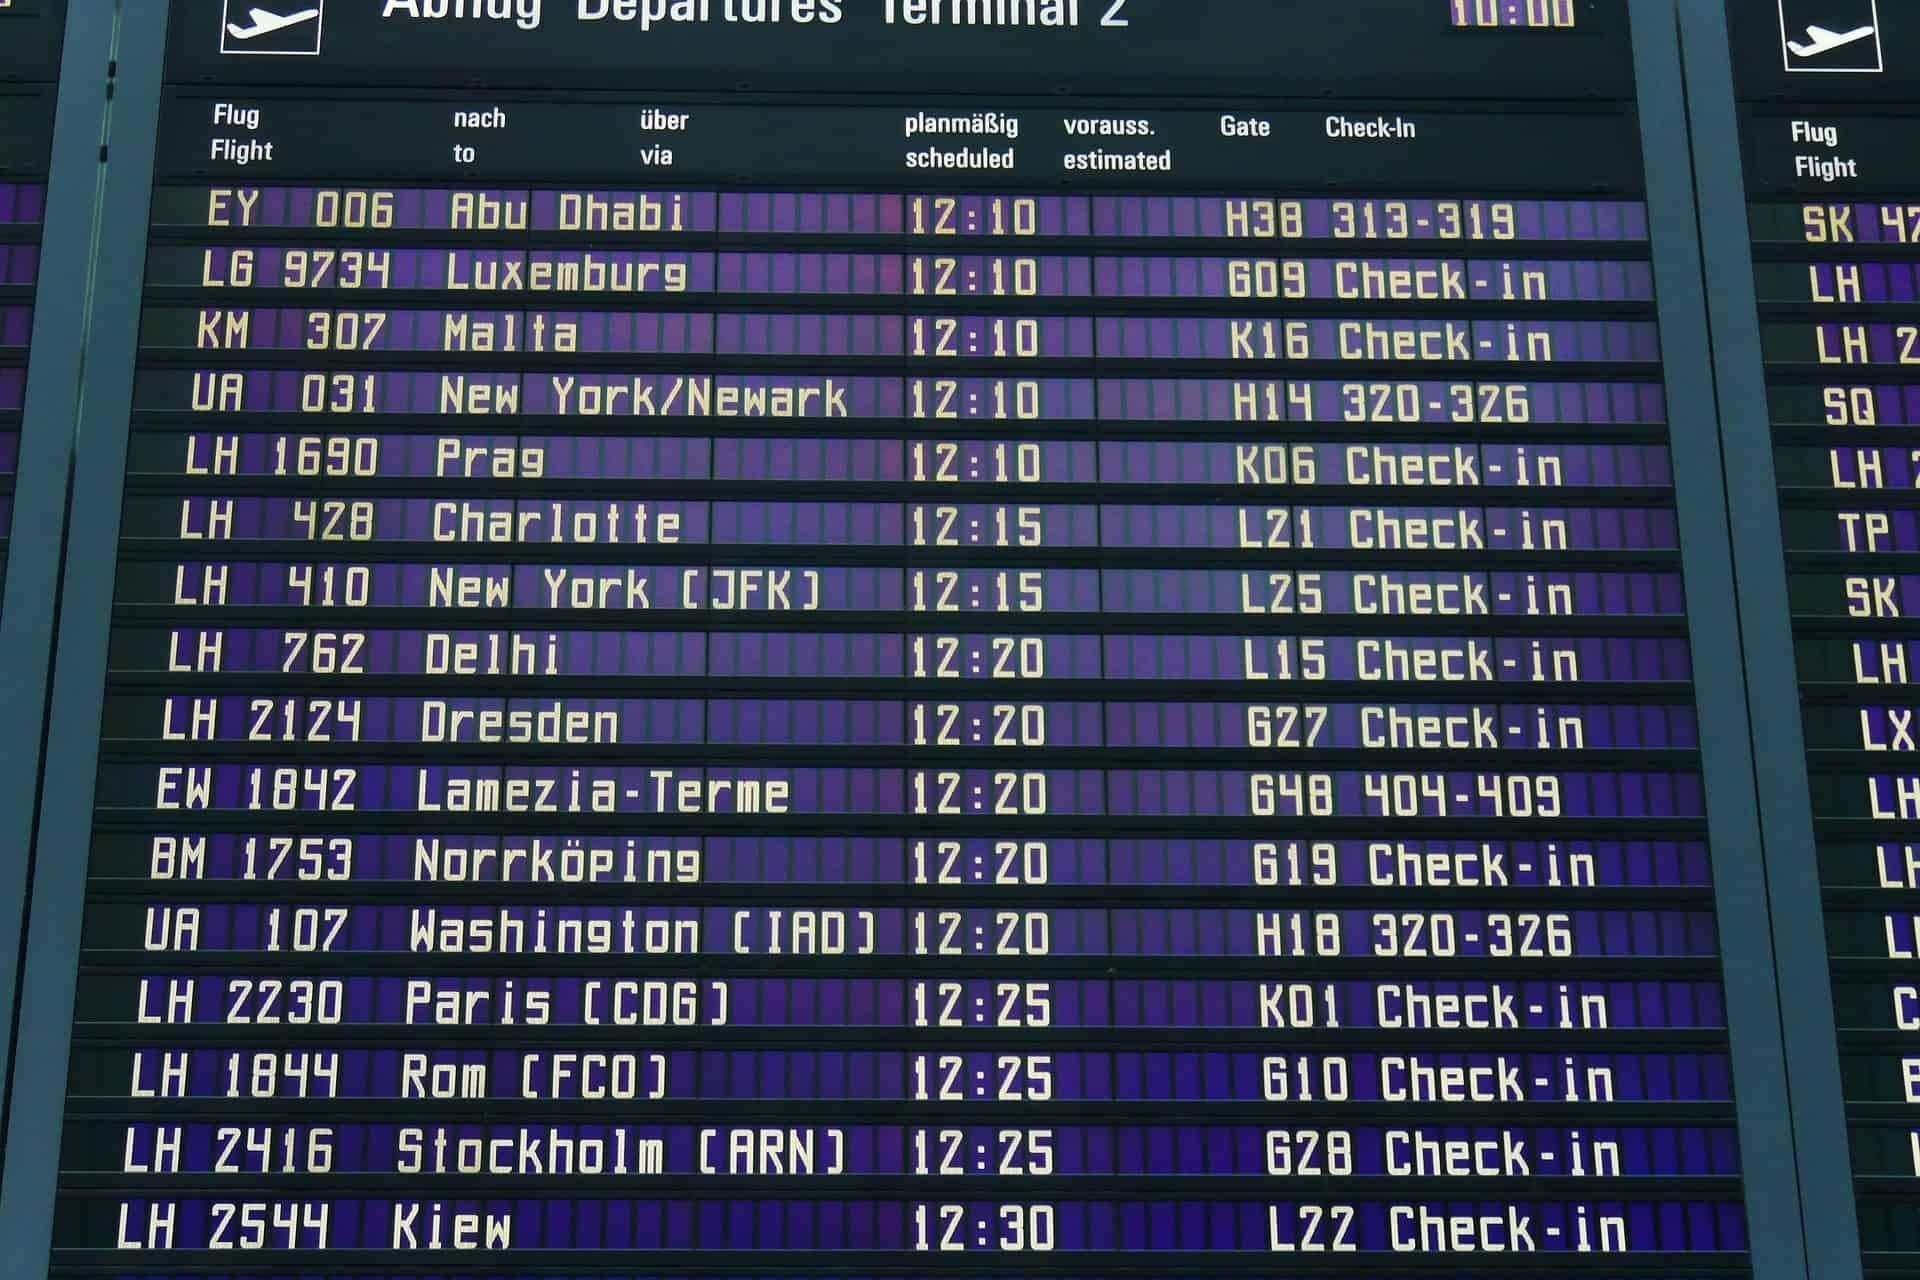 WoW Air Insolvent - Alle Flüge abgesagt was tun